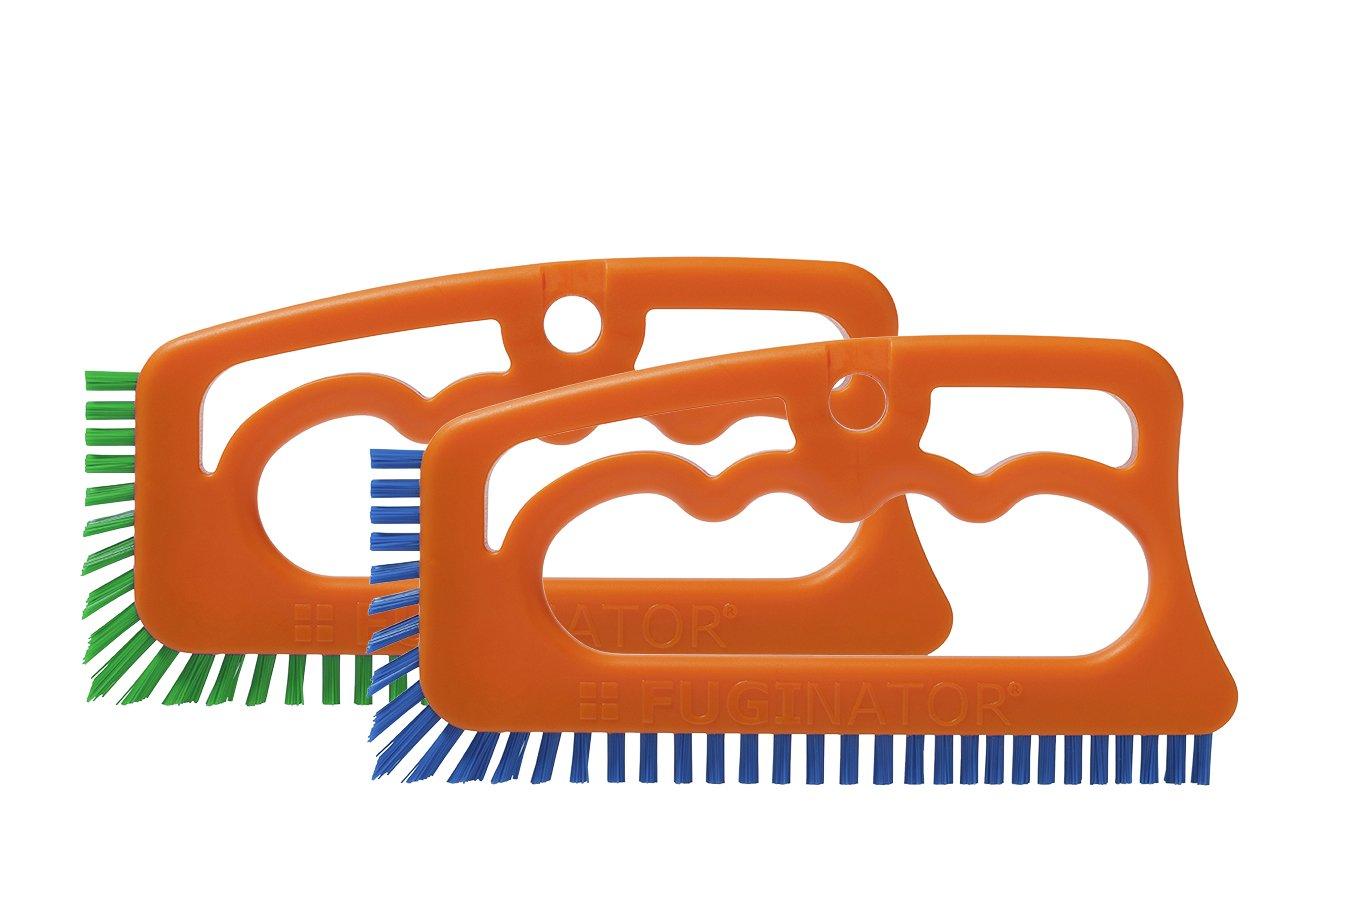 """Cepillo Fugenial """"Fuginator®"""" para limpieza de juntas para cocinas, muebles y hogar - Limpia a fondo las juntas de las baldosas y azulejos y elimina el moho superficial - Pack ahorro de dos unidades - Azul/verde (limpieza universal/limpieza"""